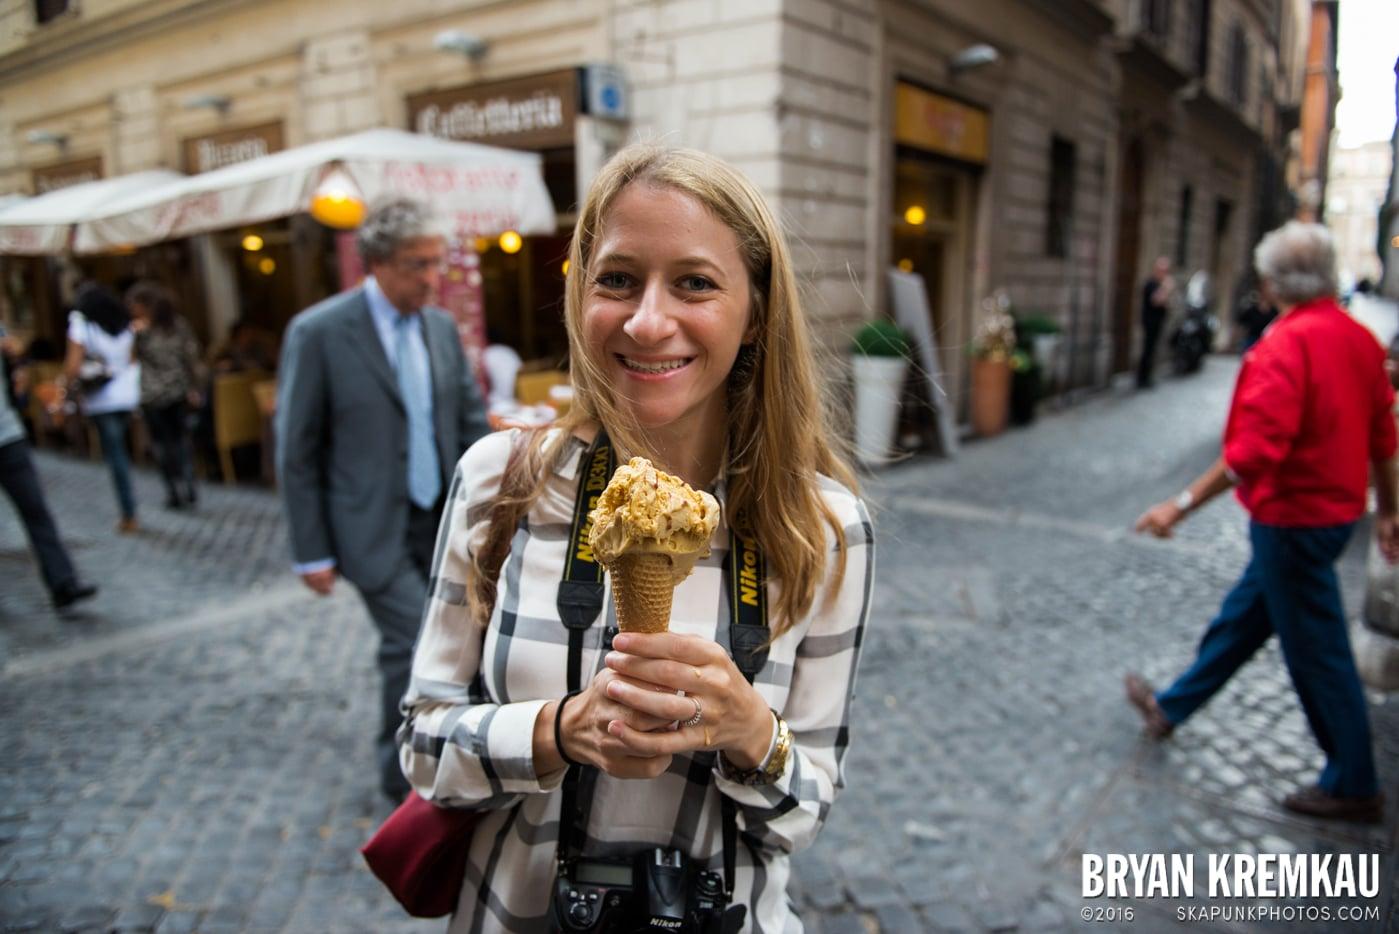 Italy Vacation - Day 3: Rome - 9.11.13 (22)